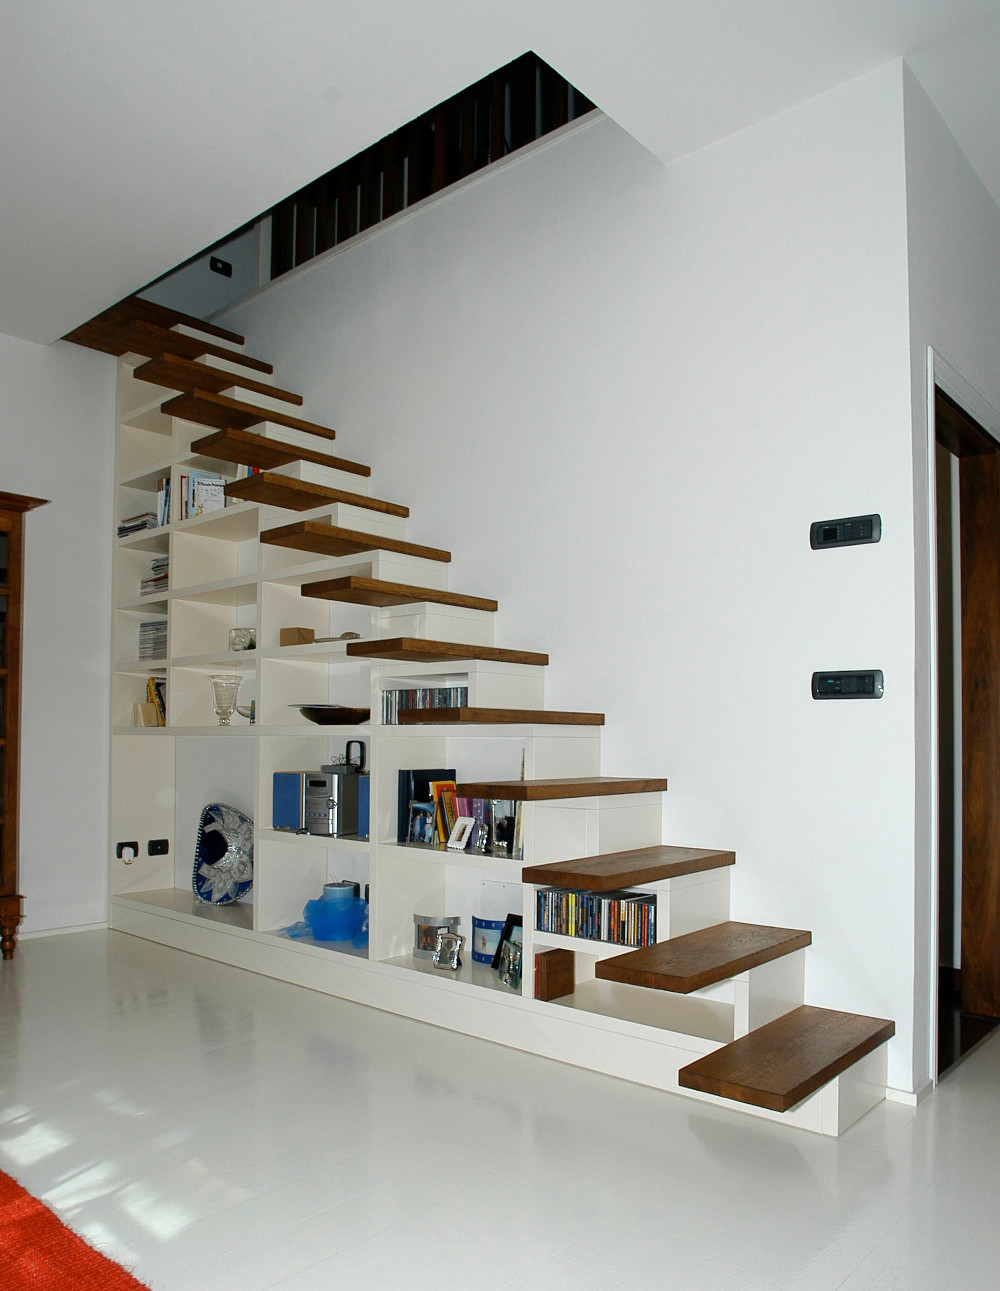 Bettoli arredi e pavimenti scale contenitive bettoli for Scala per libreria